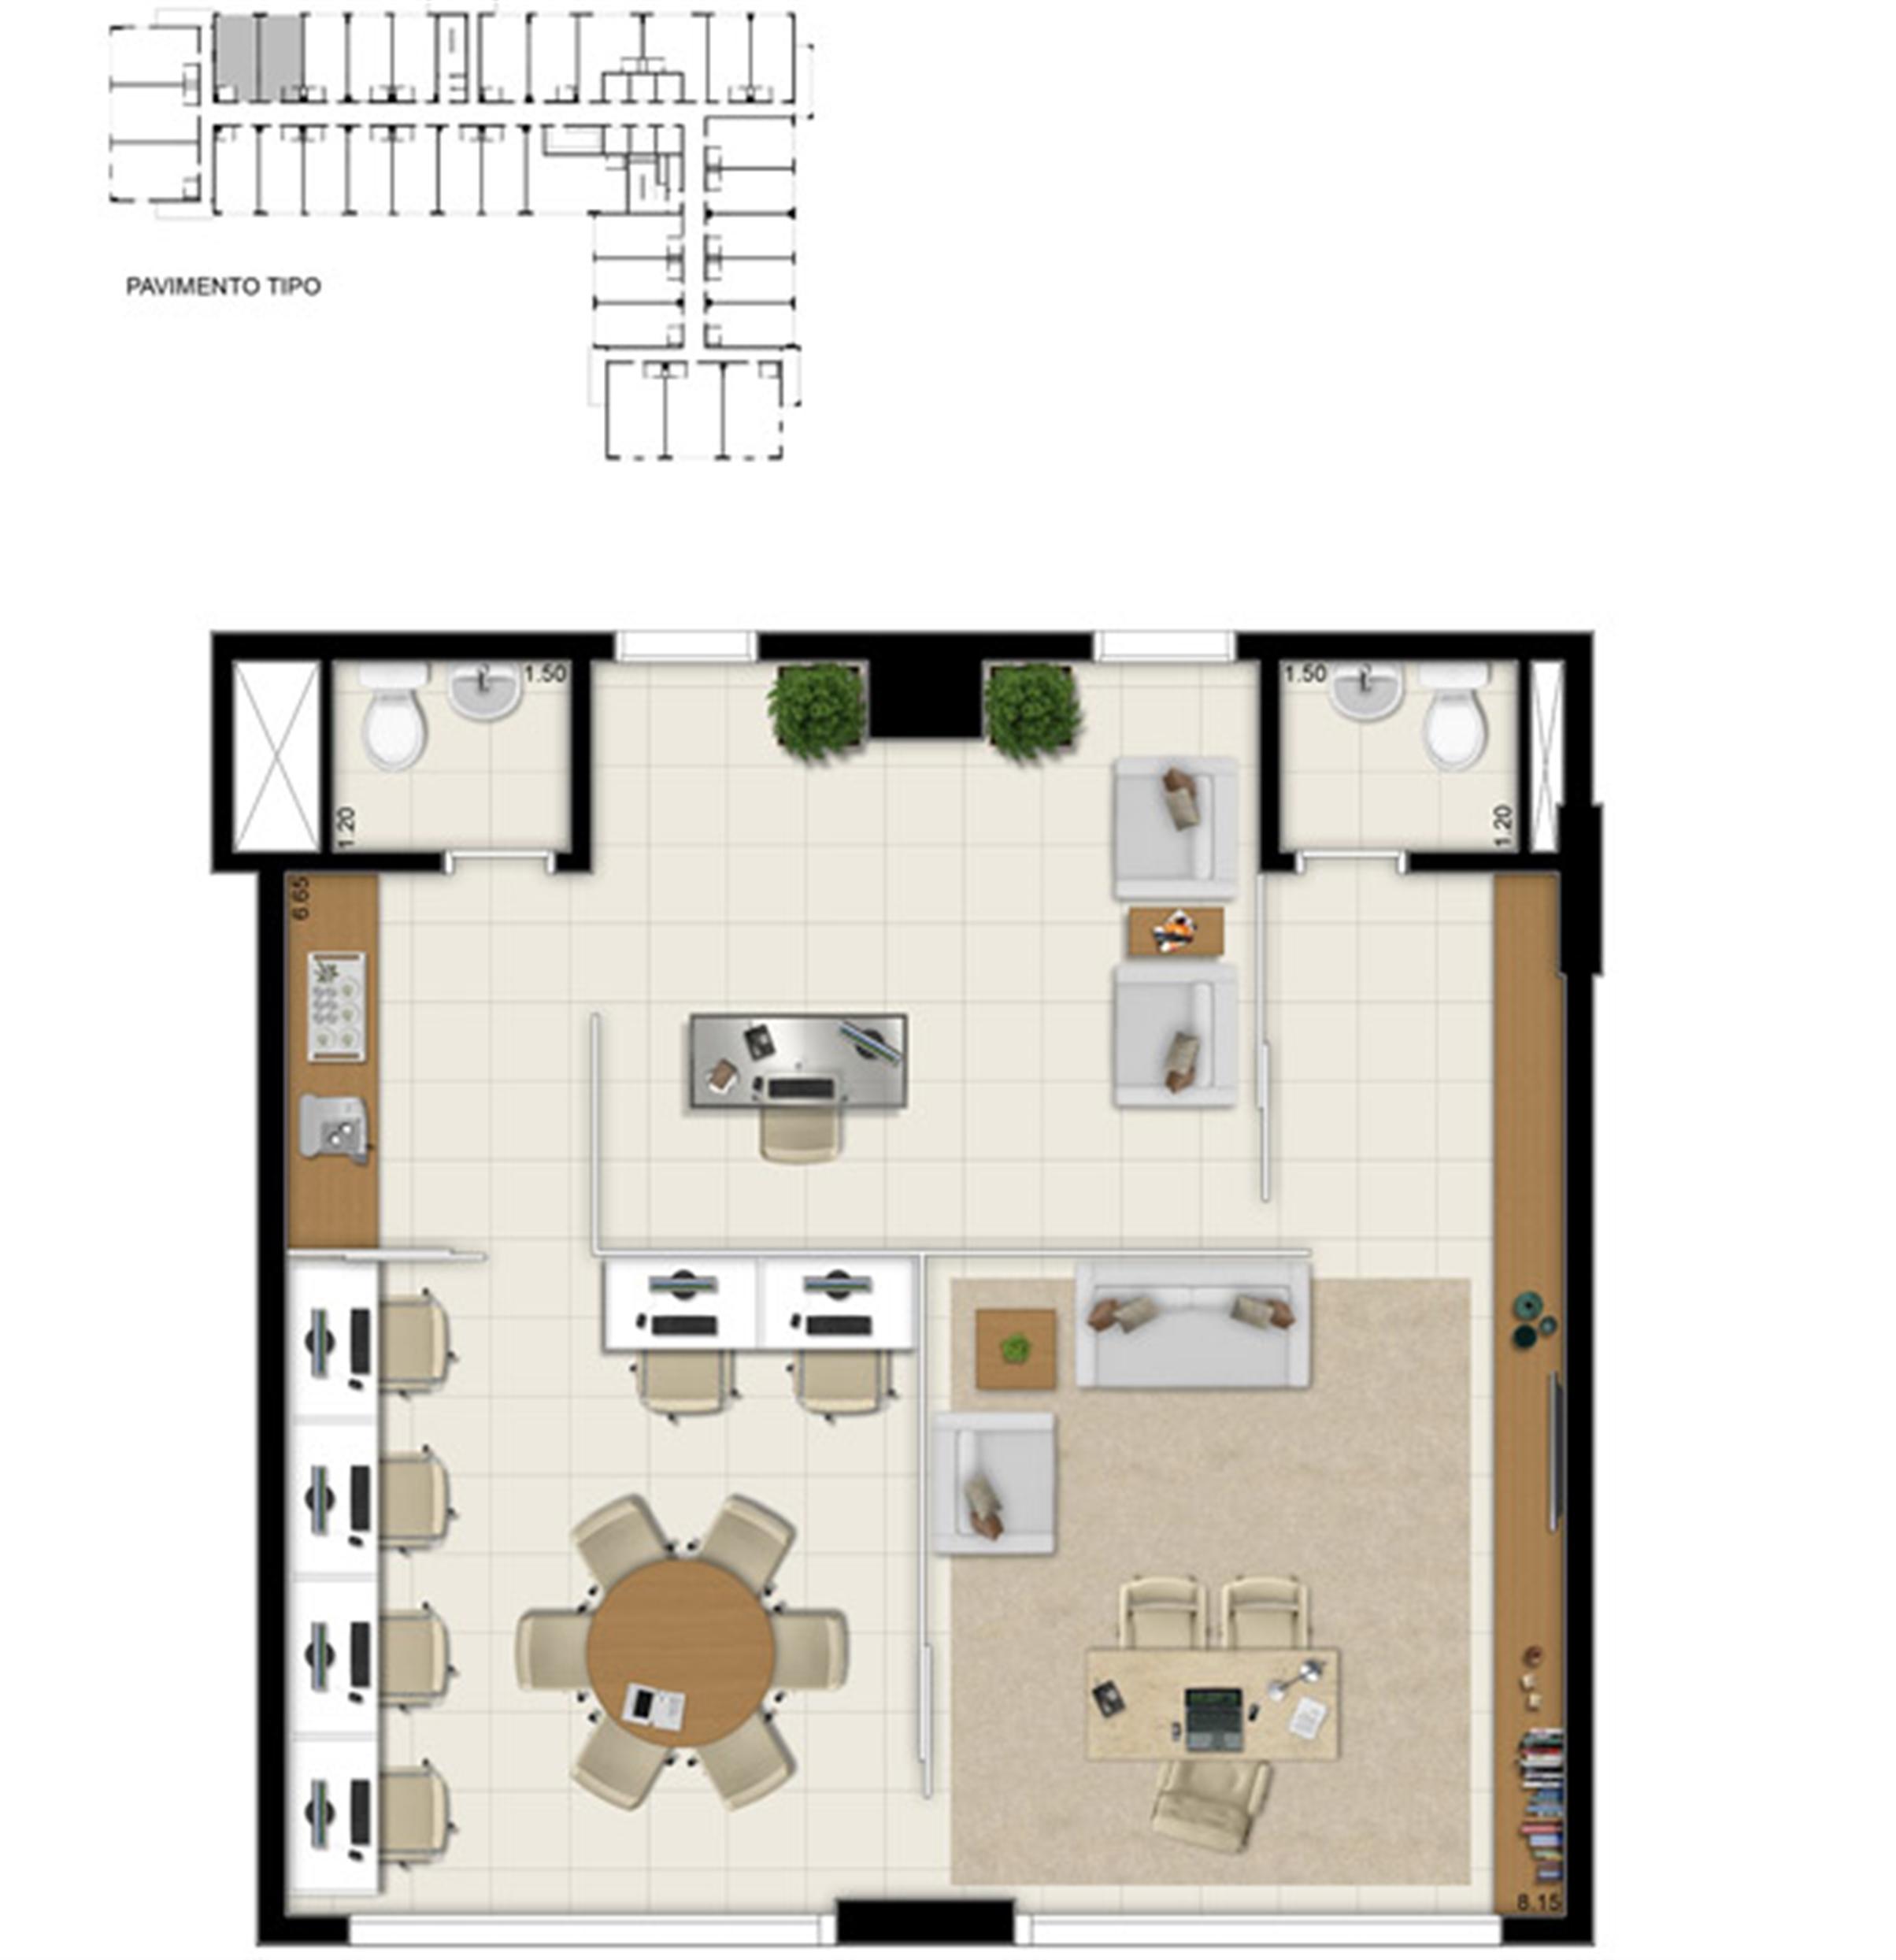 Sala comercial 69,20 m² - Sugestão de junção | Pátio Jardins – Salas Comerciais em  Altos do Calhau - São Luís - Maranhão